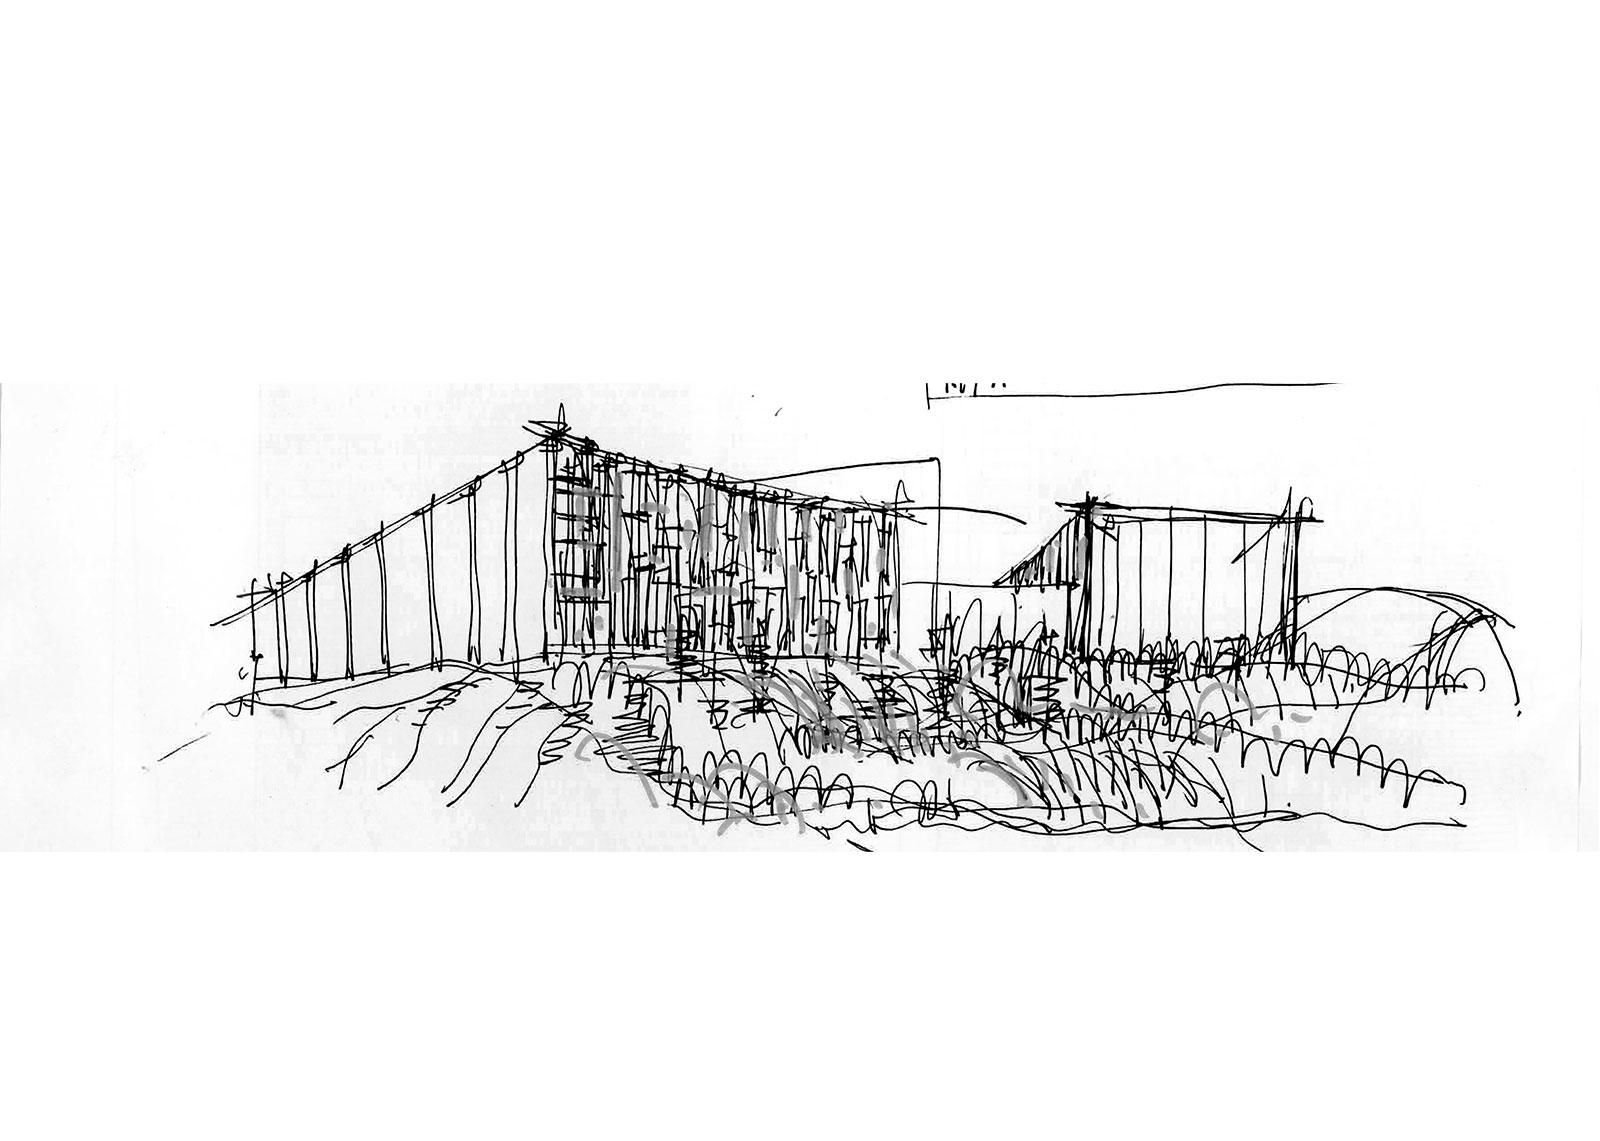 简笔画 设计 矢量 矢量图 手绘 素材 线稿 1600_1141